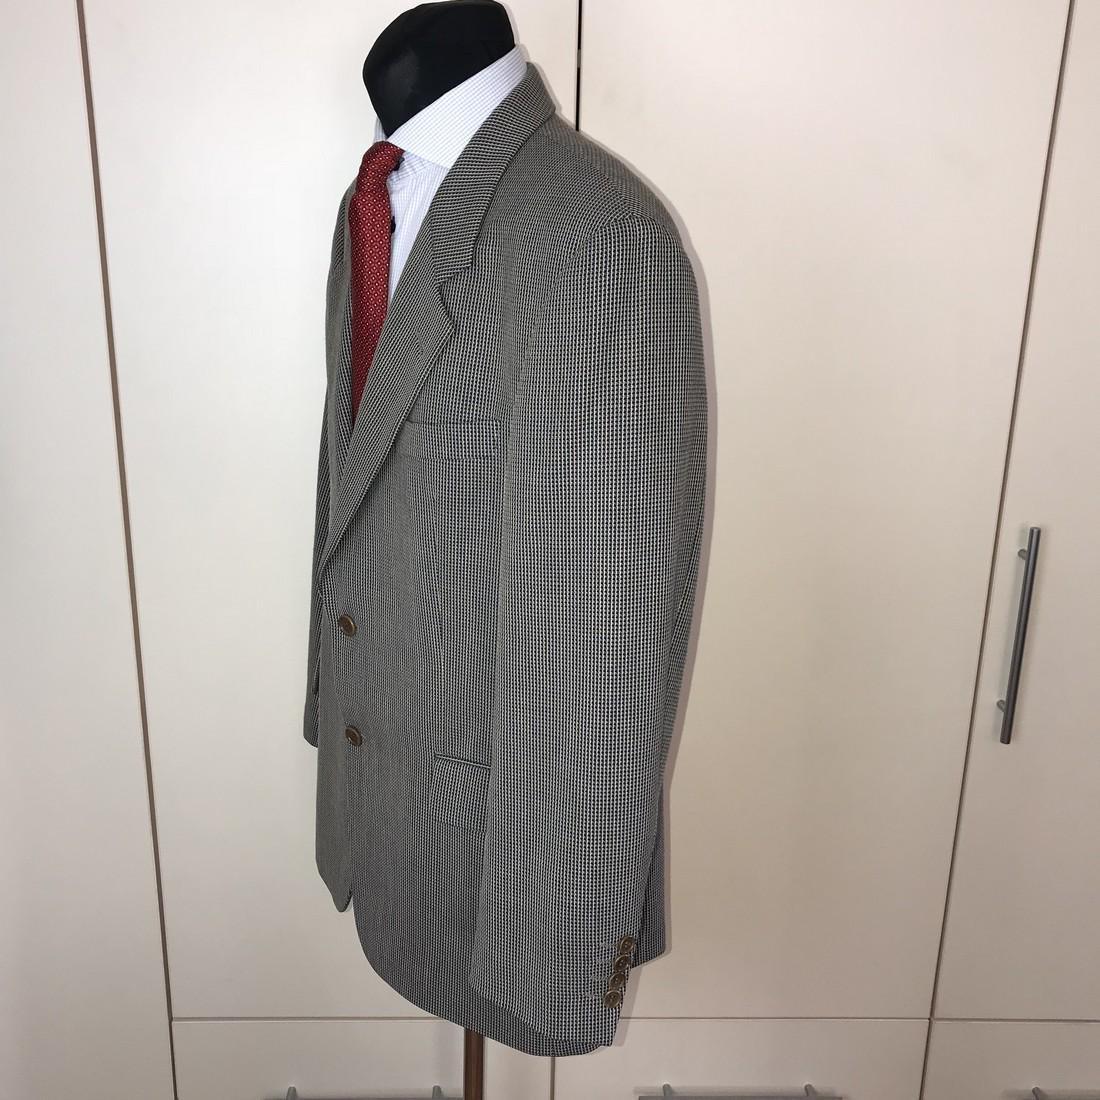 Men's HUGO BOSS Blazer Size 44 Short US/UK or 54 Short - 3